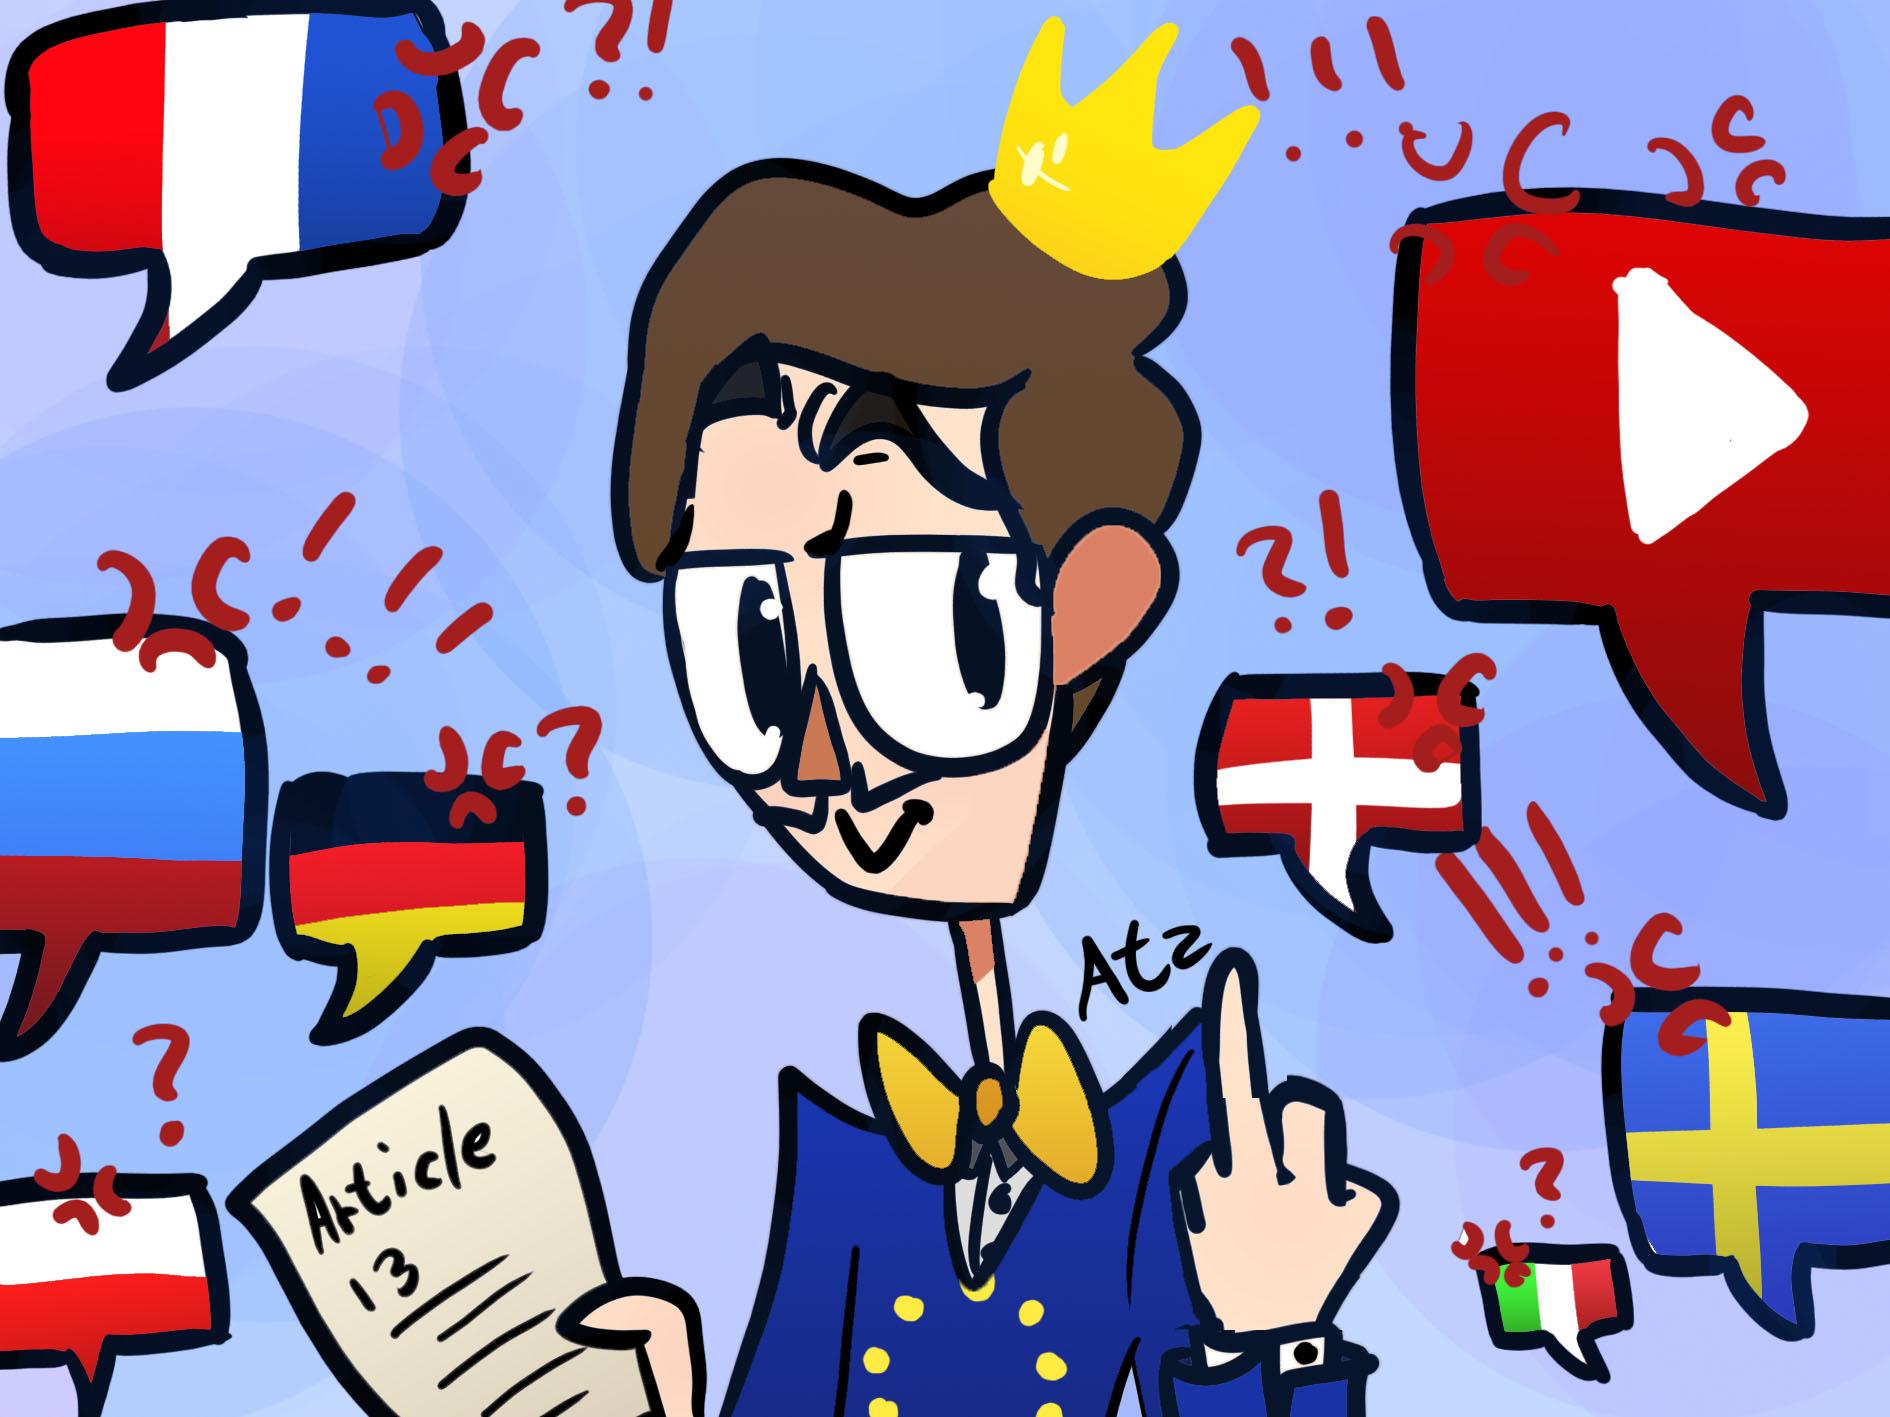 Article 13 satwcomic.com